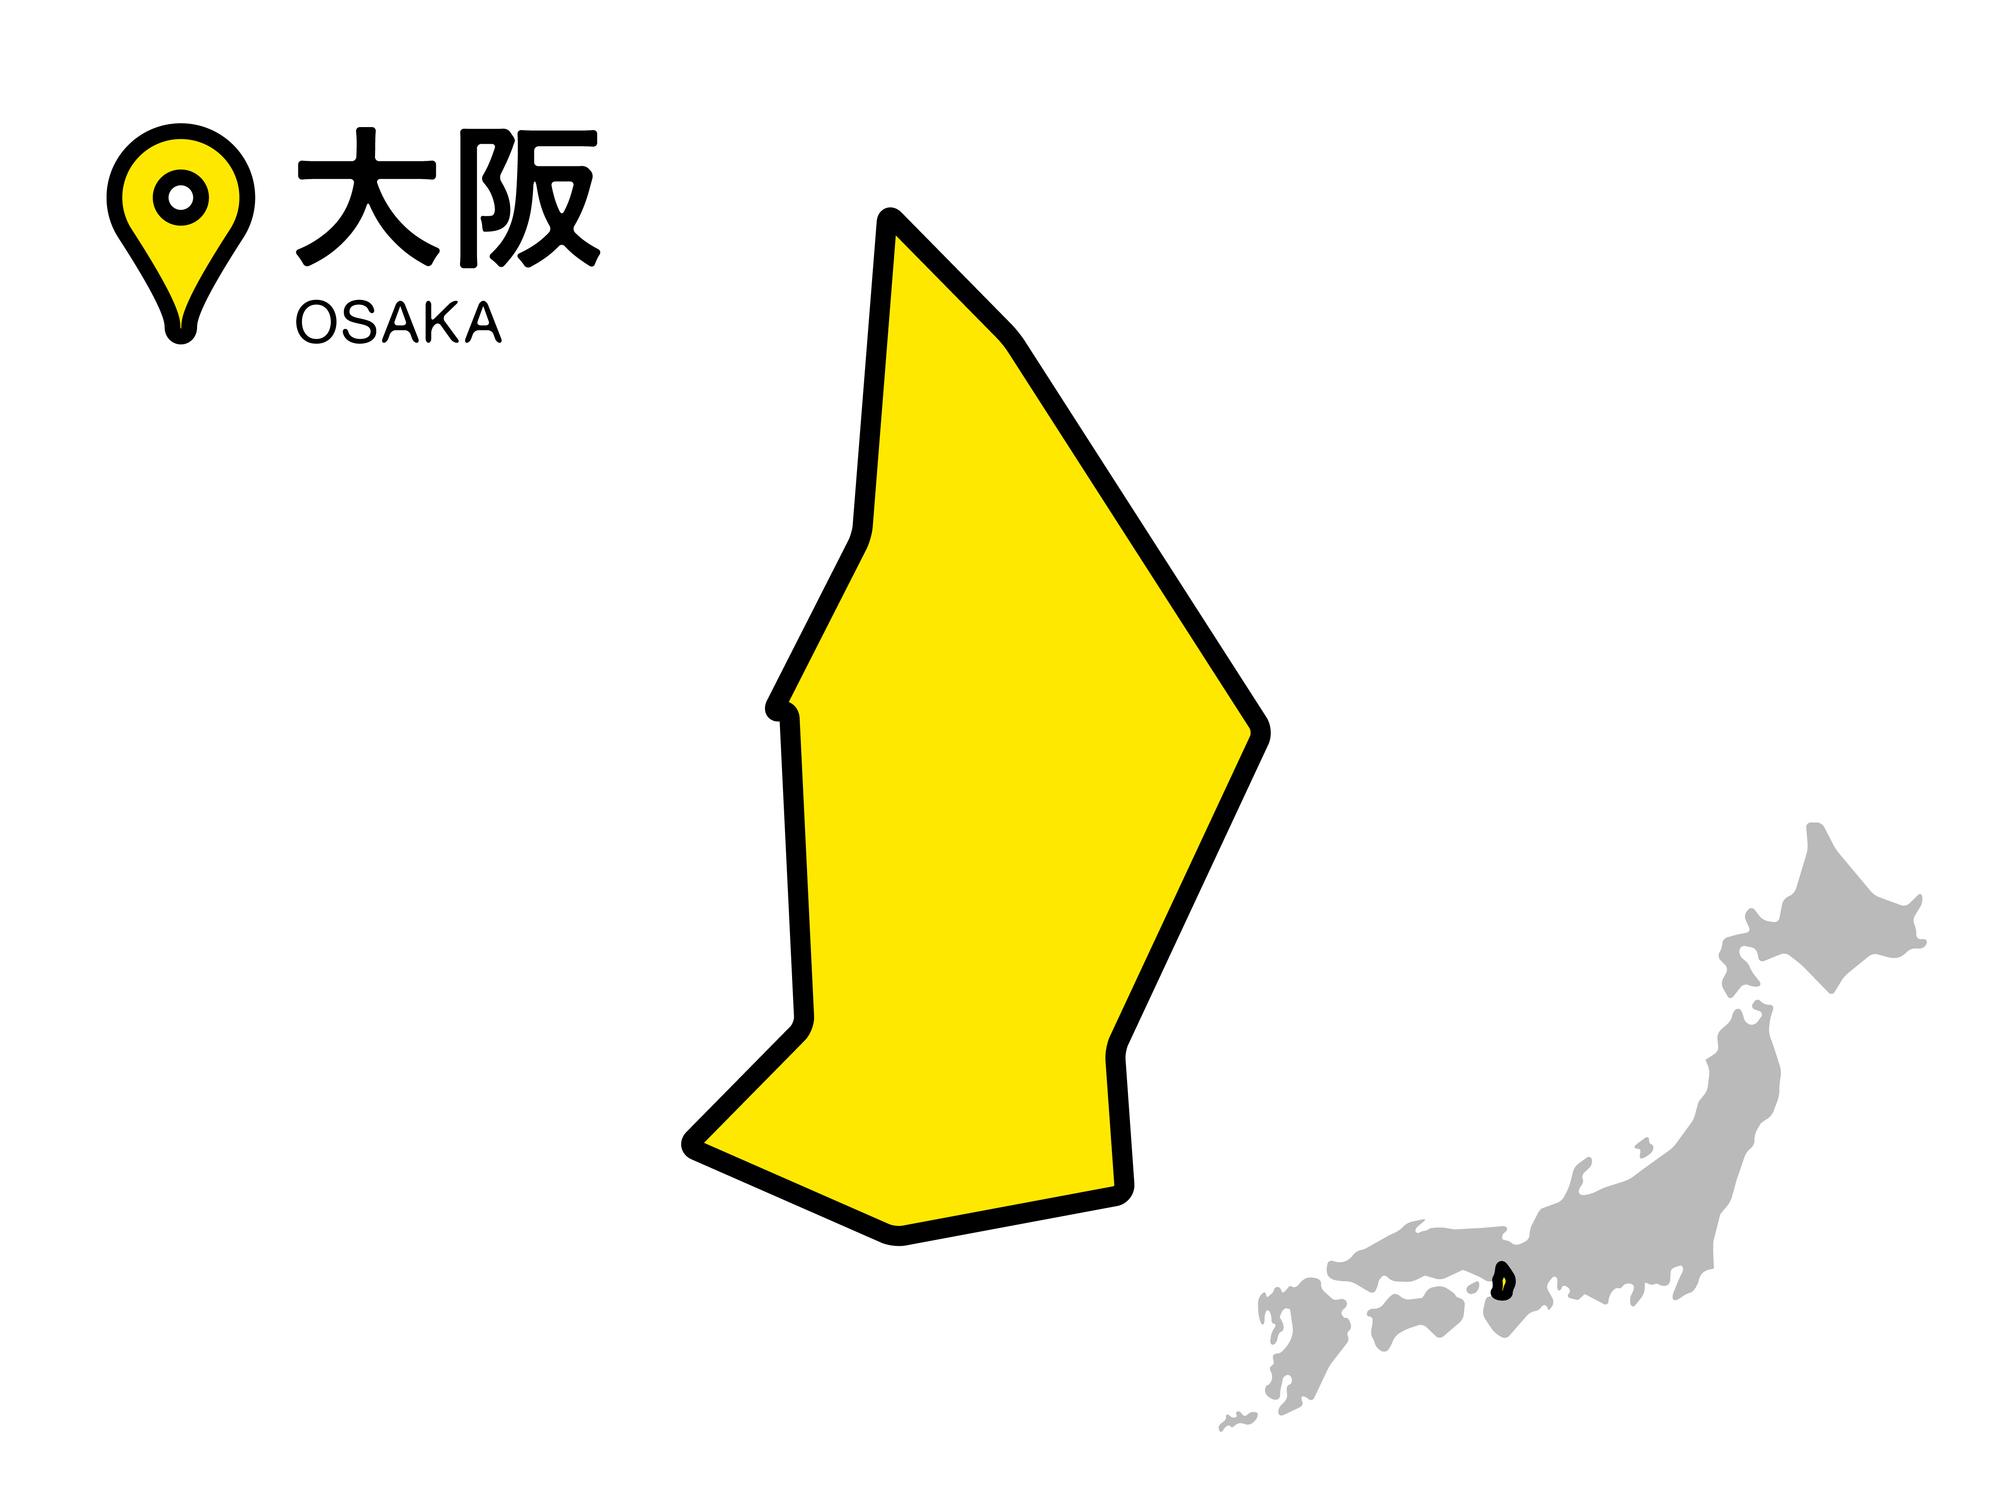 大阪府で広まるやさしいお葬式|香典辞退と東大阪地方の紙樒に見る葬儀の特徴と葬儀習俗を解説